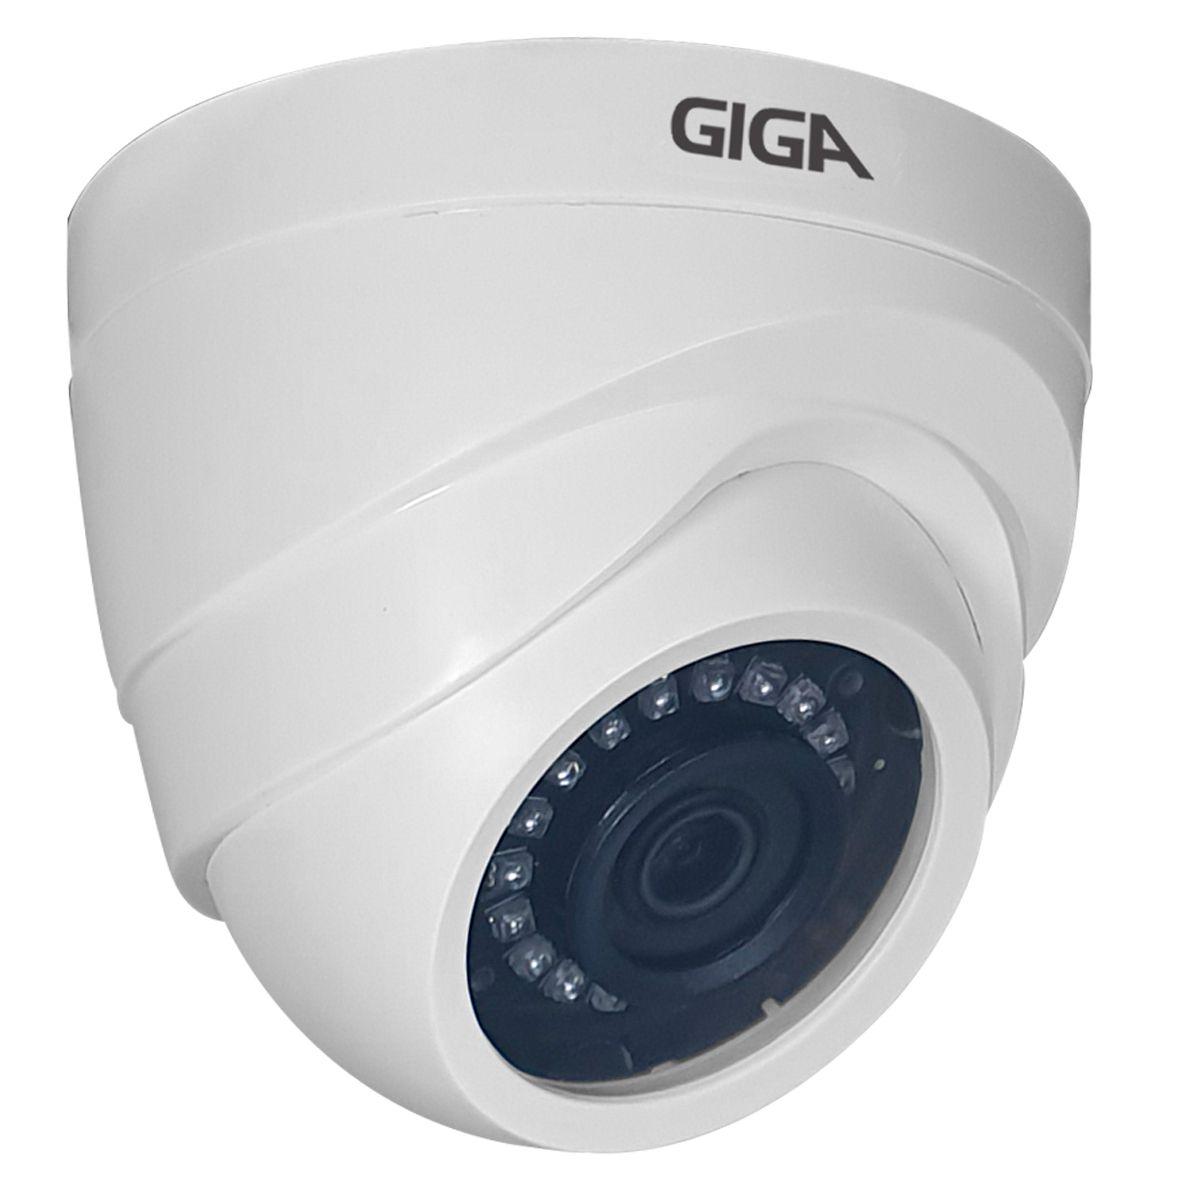 Kit Giga Security 2 Câmeras HD 720p GS0019 + DVR Lite + Acessórios  - Tudo Forte